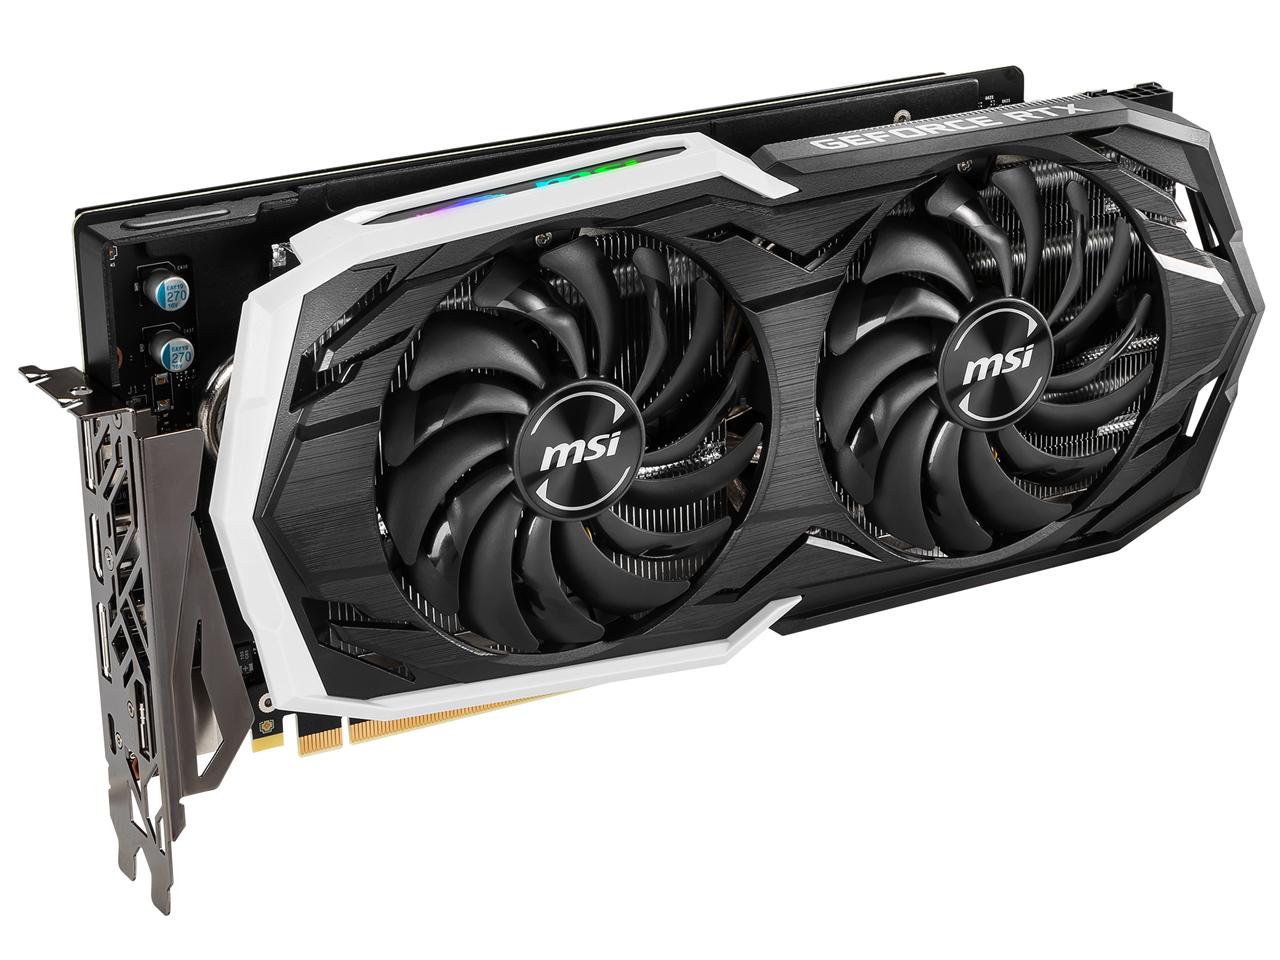 『本体2』 GeForce RTX 2070 ARMOR 8G [PCIExp 8GB] の製品画像